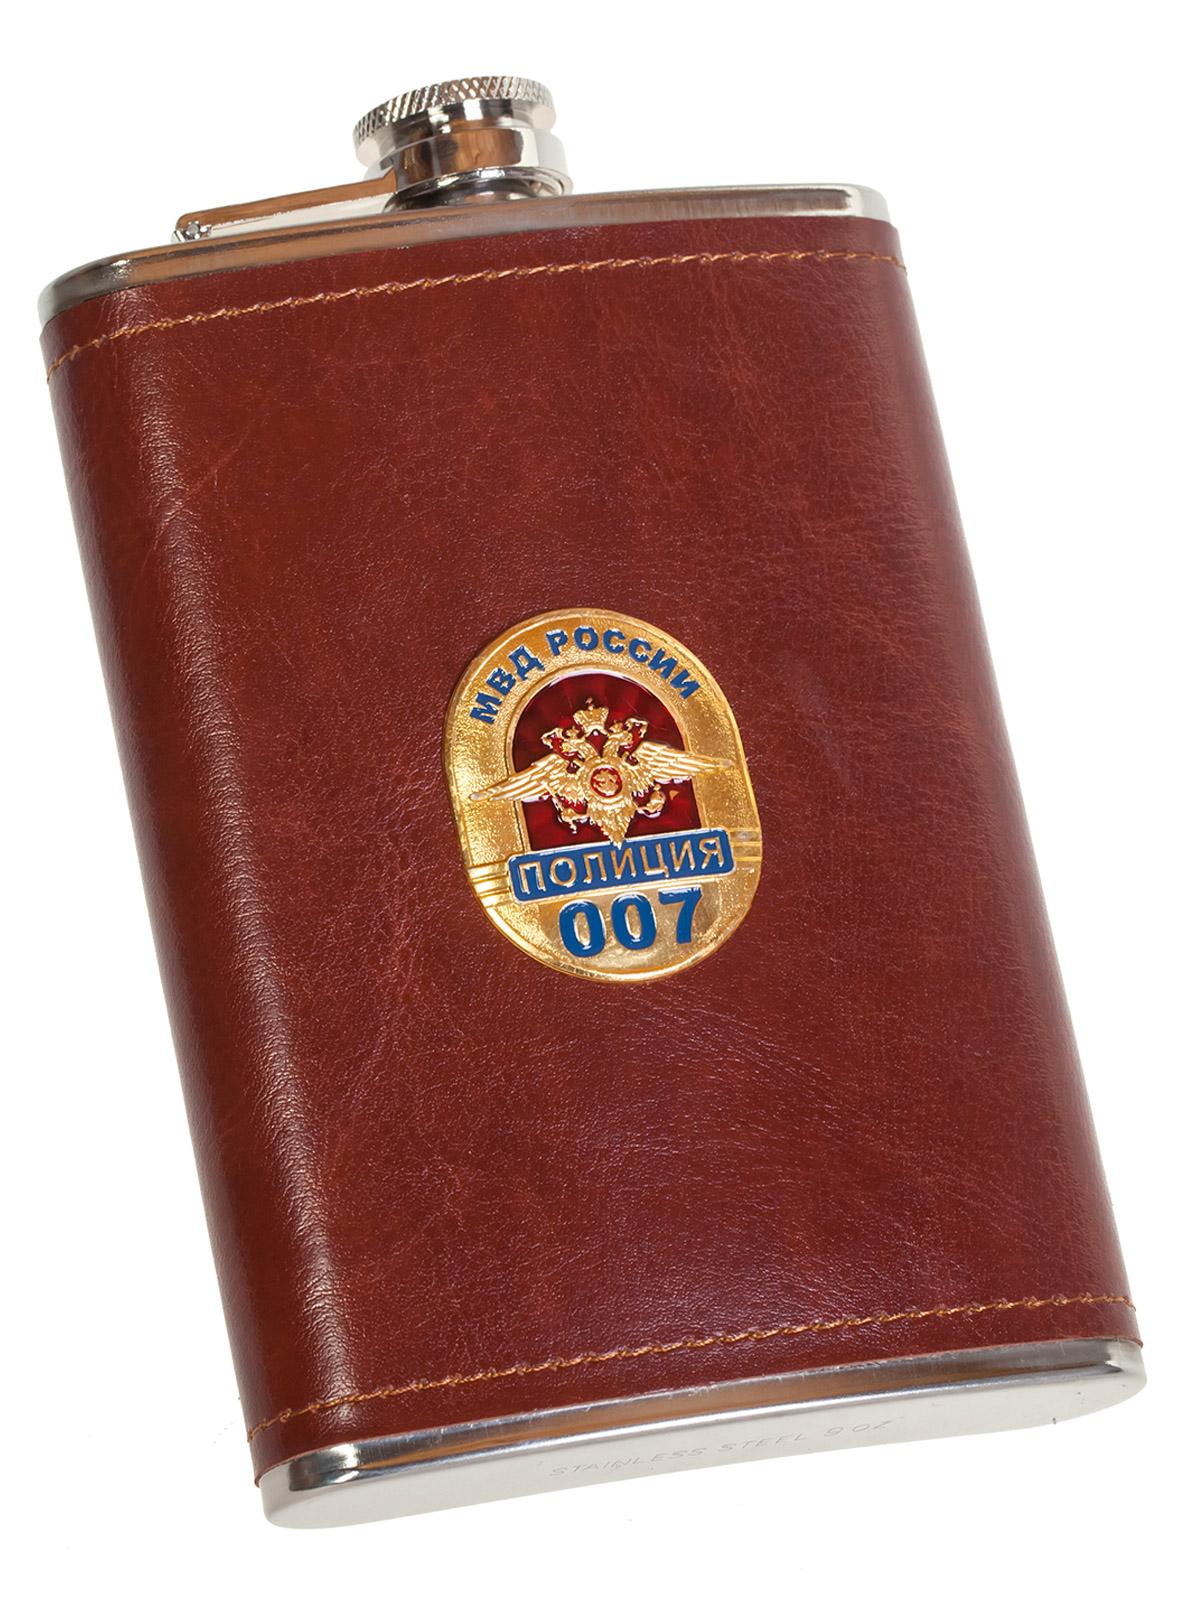 Подарочная крутая фляга в кожаном чехле с накладкой МВД России. Полиция - заказать выгодно